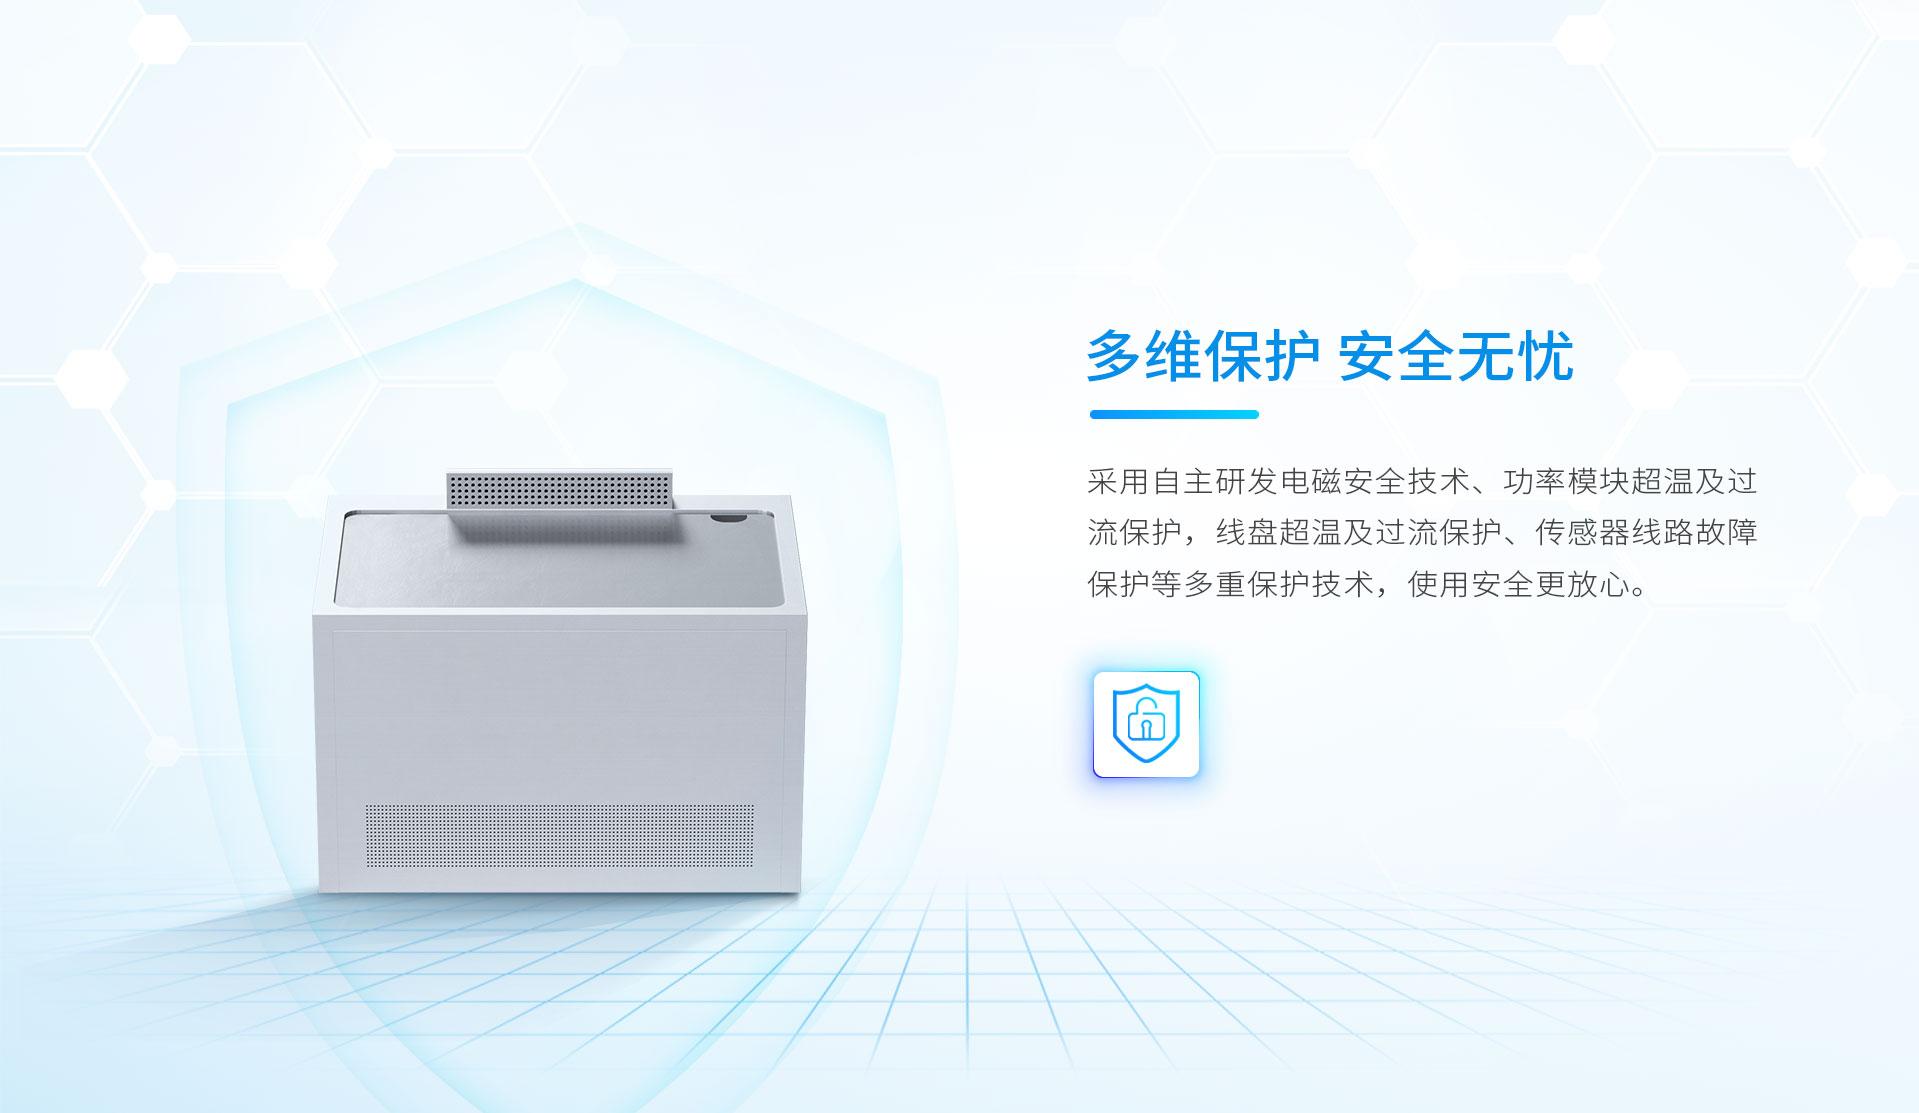 壹指蓝零排放铁板烧,采用自主研发电磁安全技术,功率模块超温过流保护